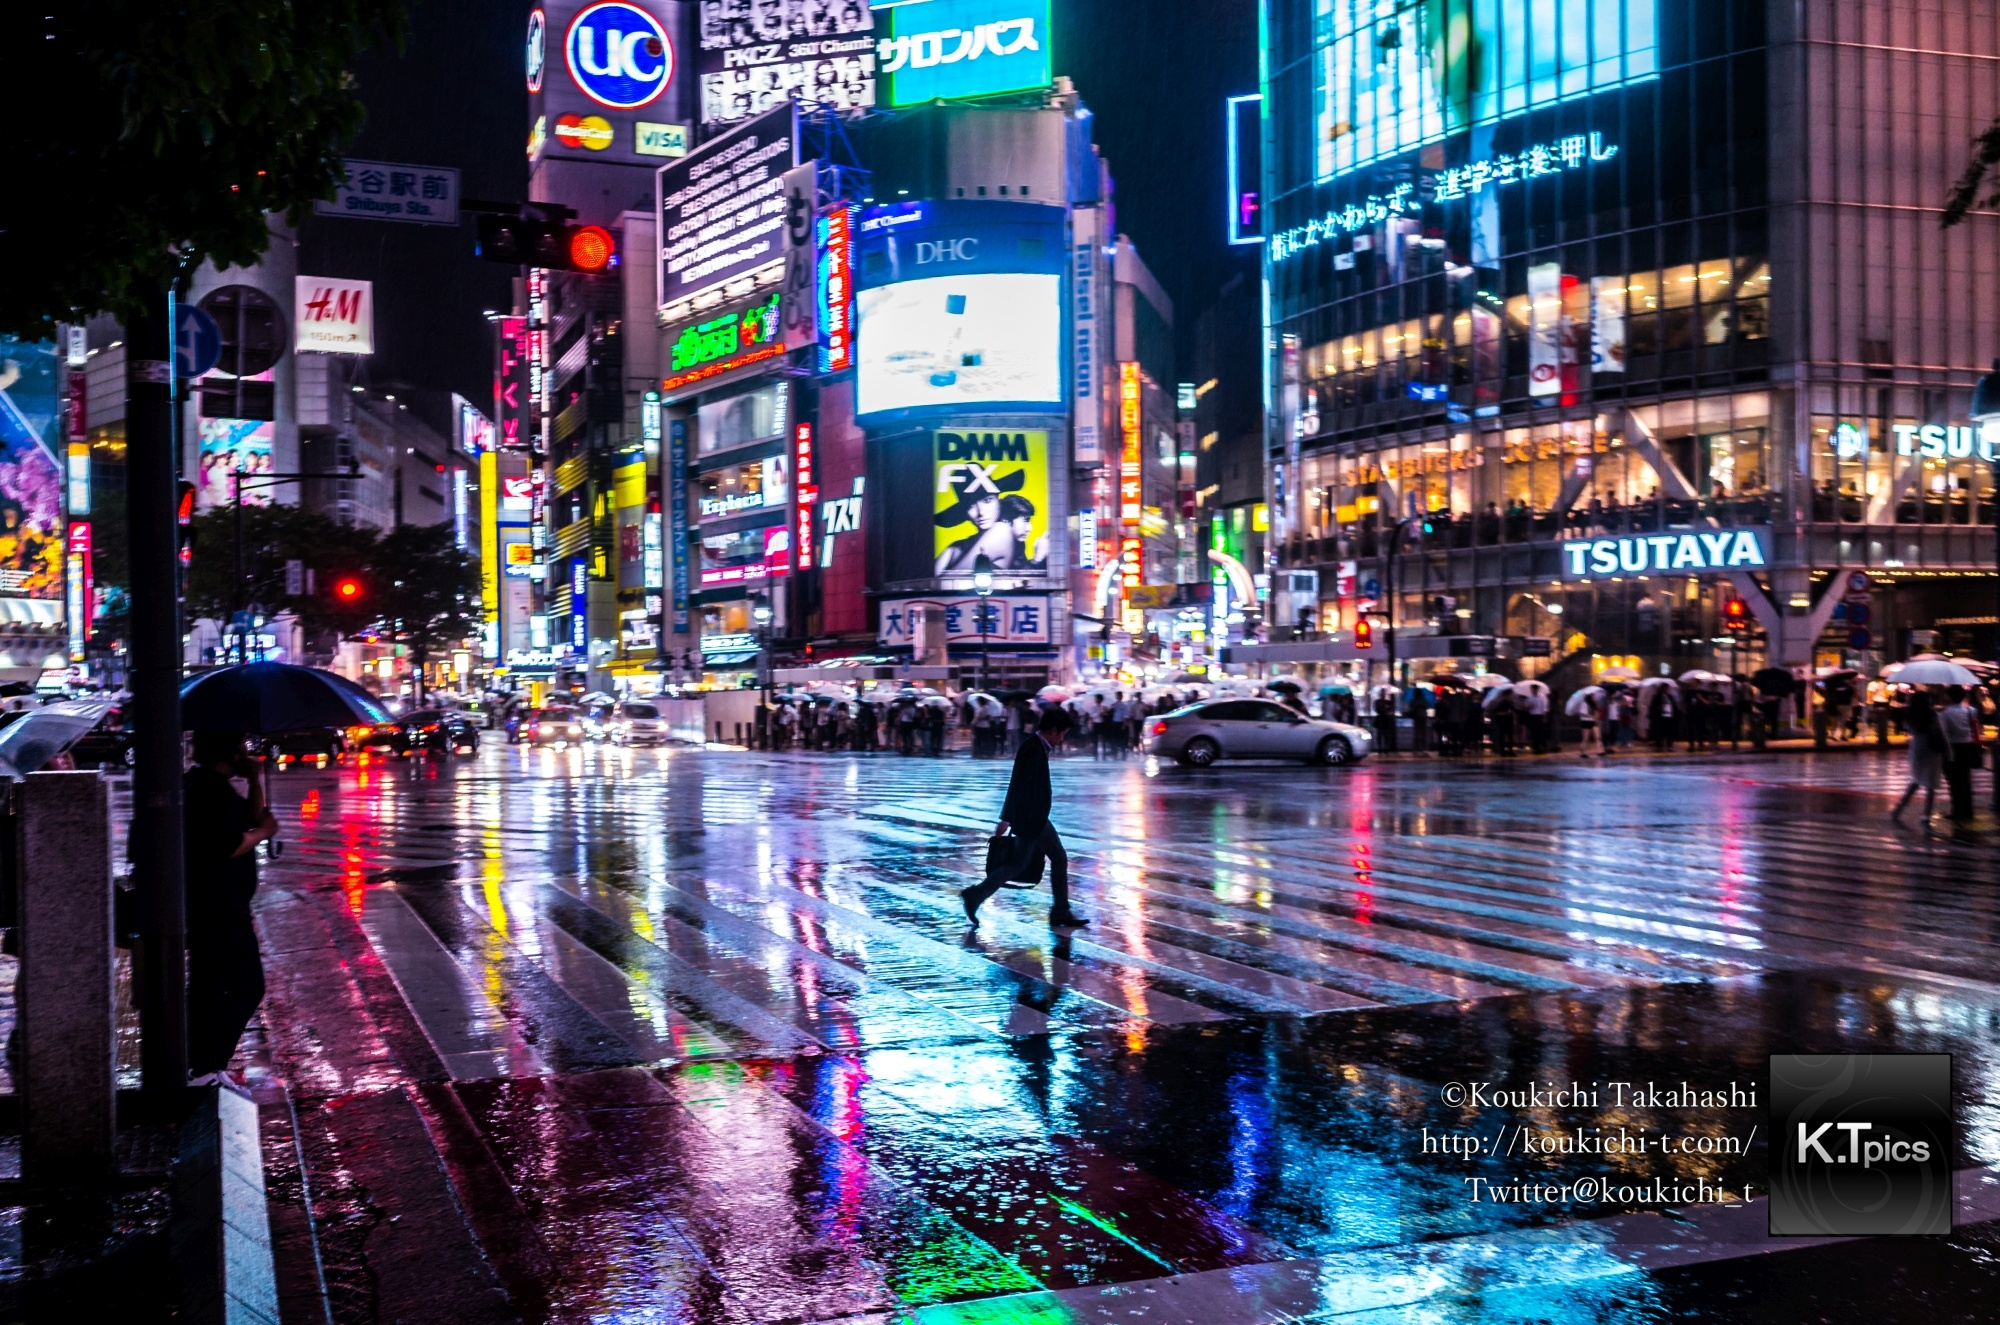 超難関?審査制写真サイト ONE EYELAND審査通過、雨の渋谷スクランブル交差点の写真が掲載されました!My Rainy Shibuyacrossing pic was published on ONE EYELAND